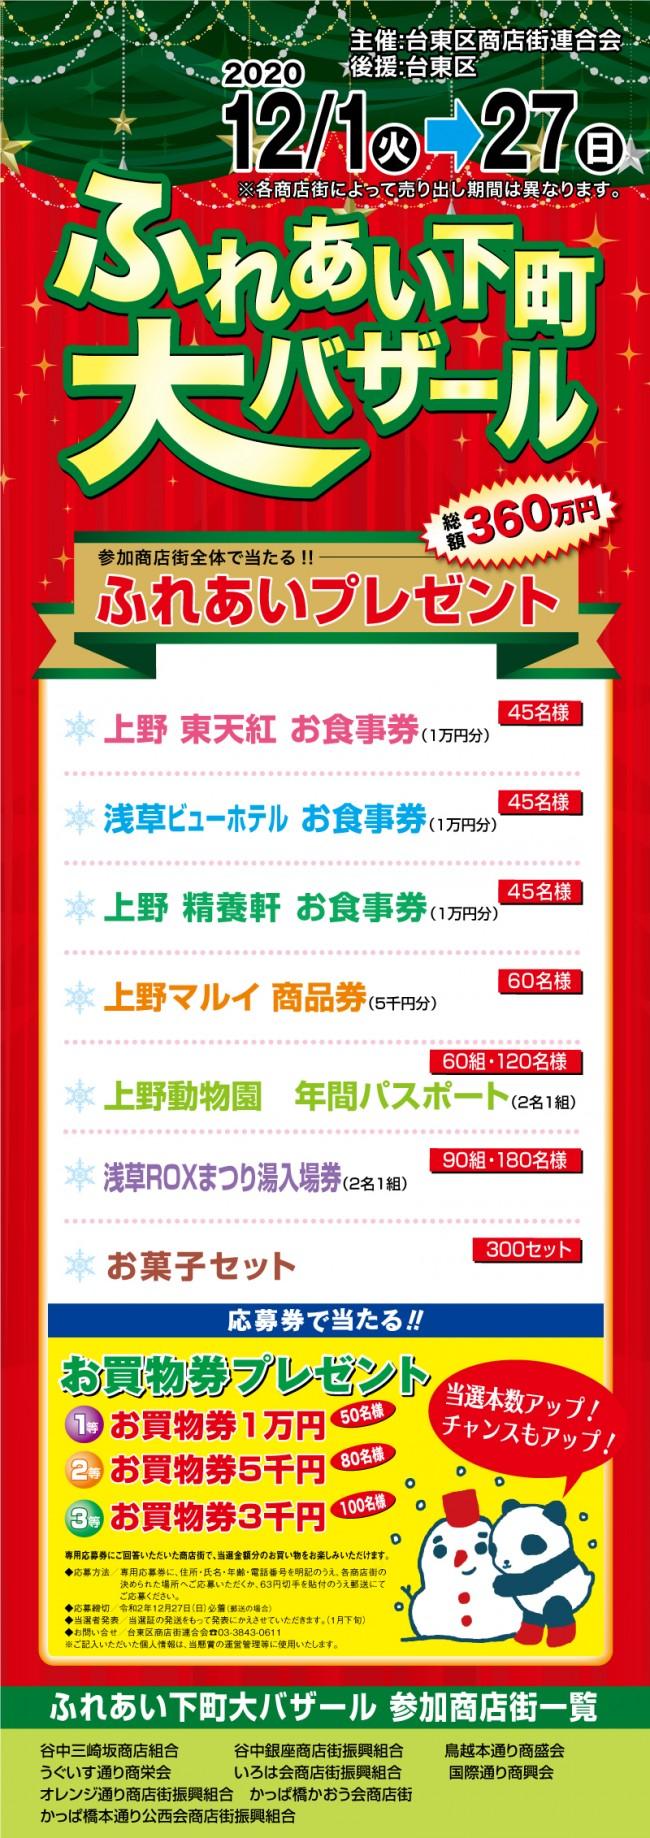 2020年度「ふれあい下町大バザール(歳末期)」開催!! 2020.12.1~12.27